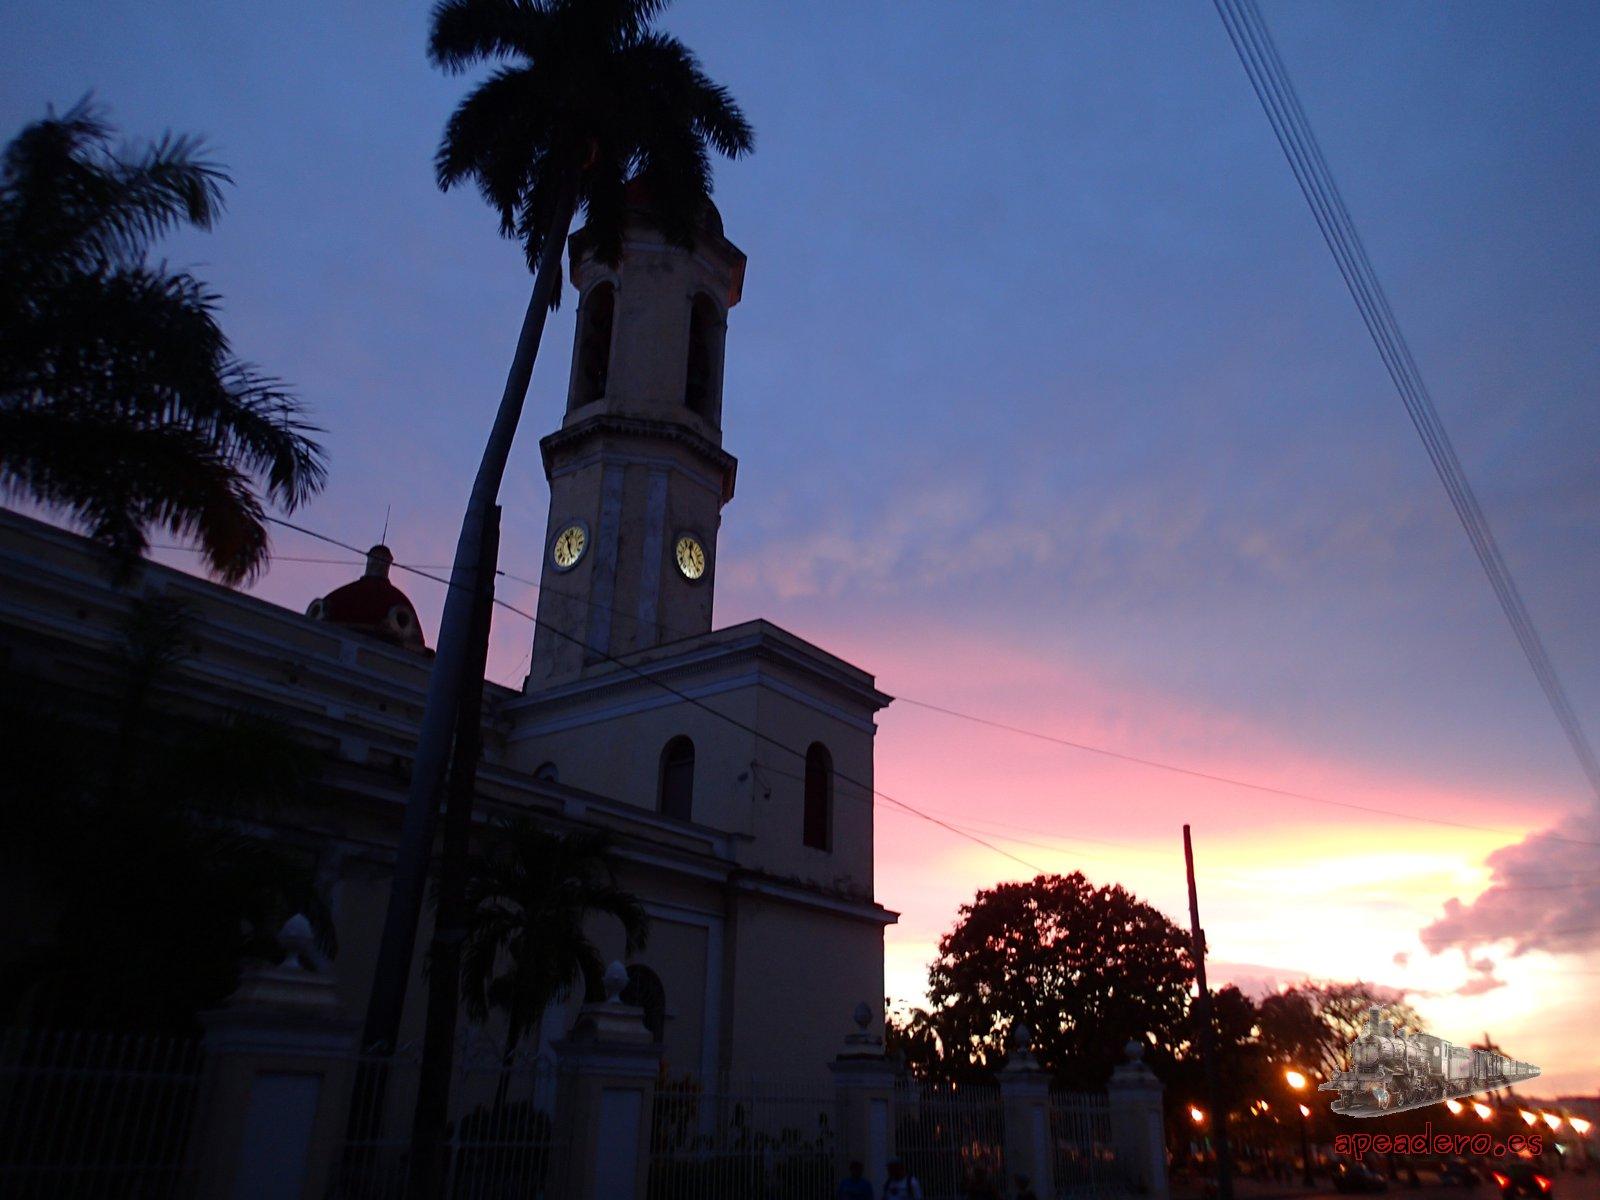 Los atardeceres en Cuba son muy bonitos y tienen una luz especial para tomar fotos (cuando sabes, no como yo!)